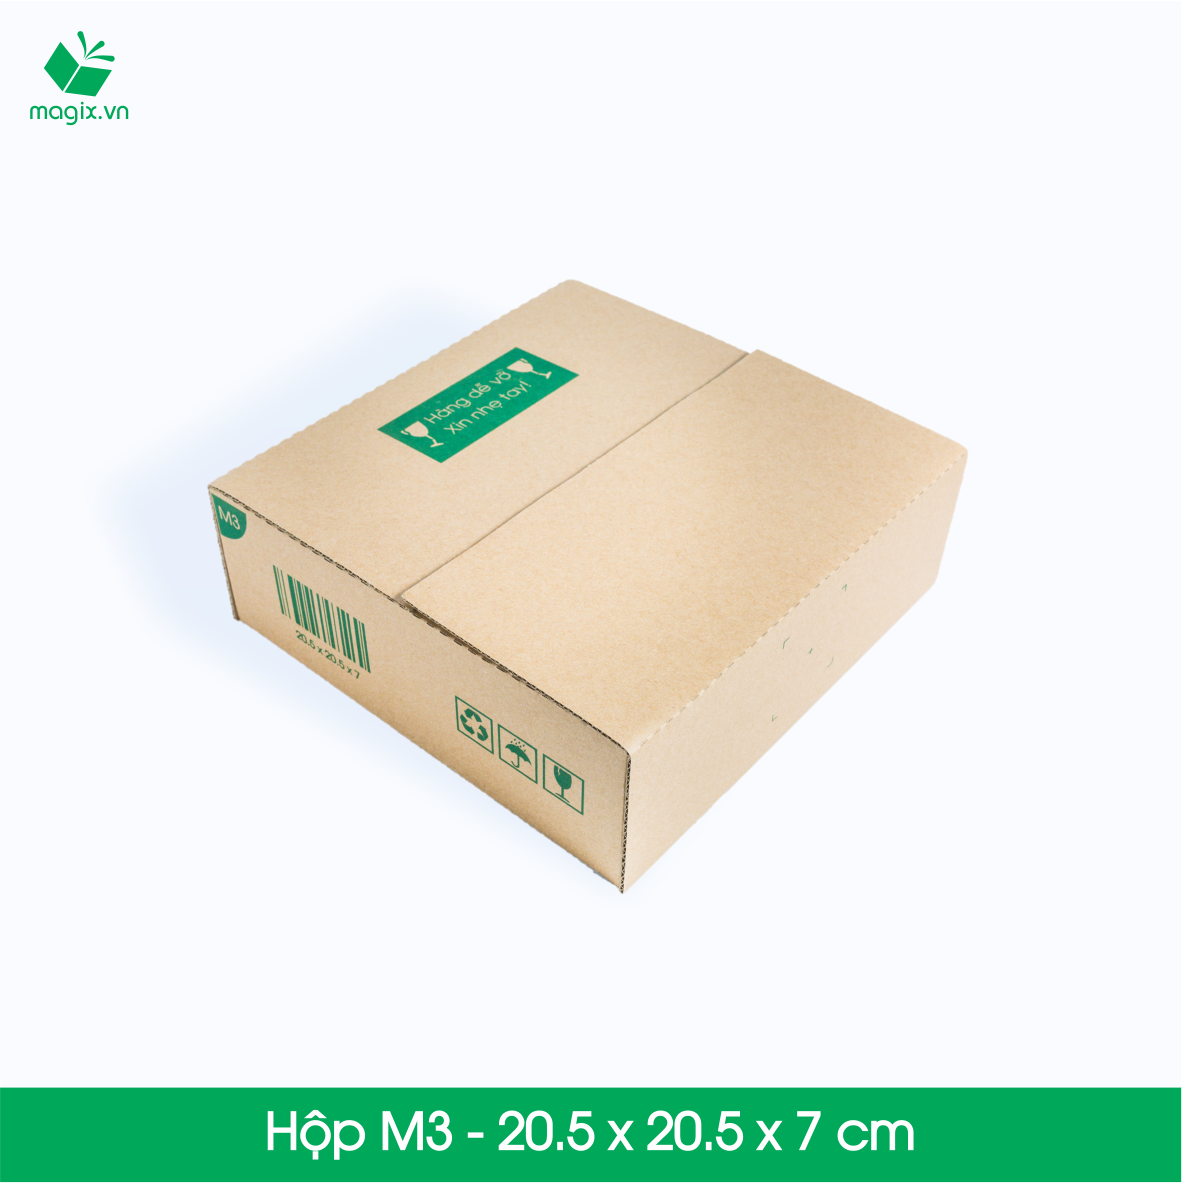 Mua thùng carton giá rẻ, chất lượng tại Magix.vn